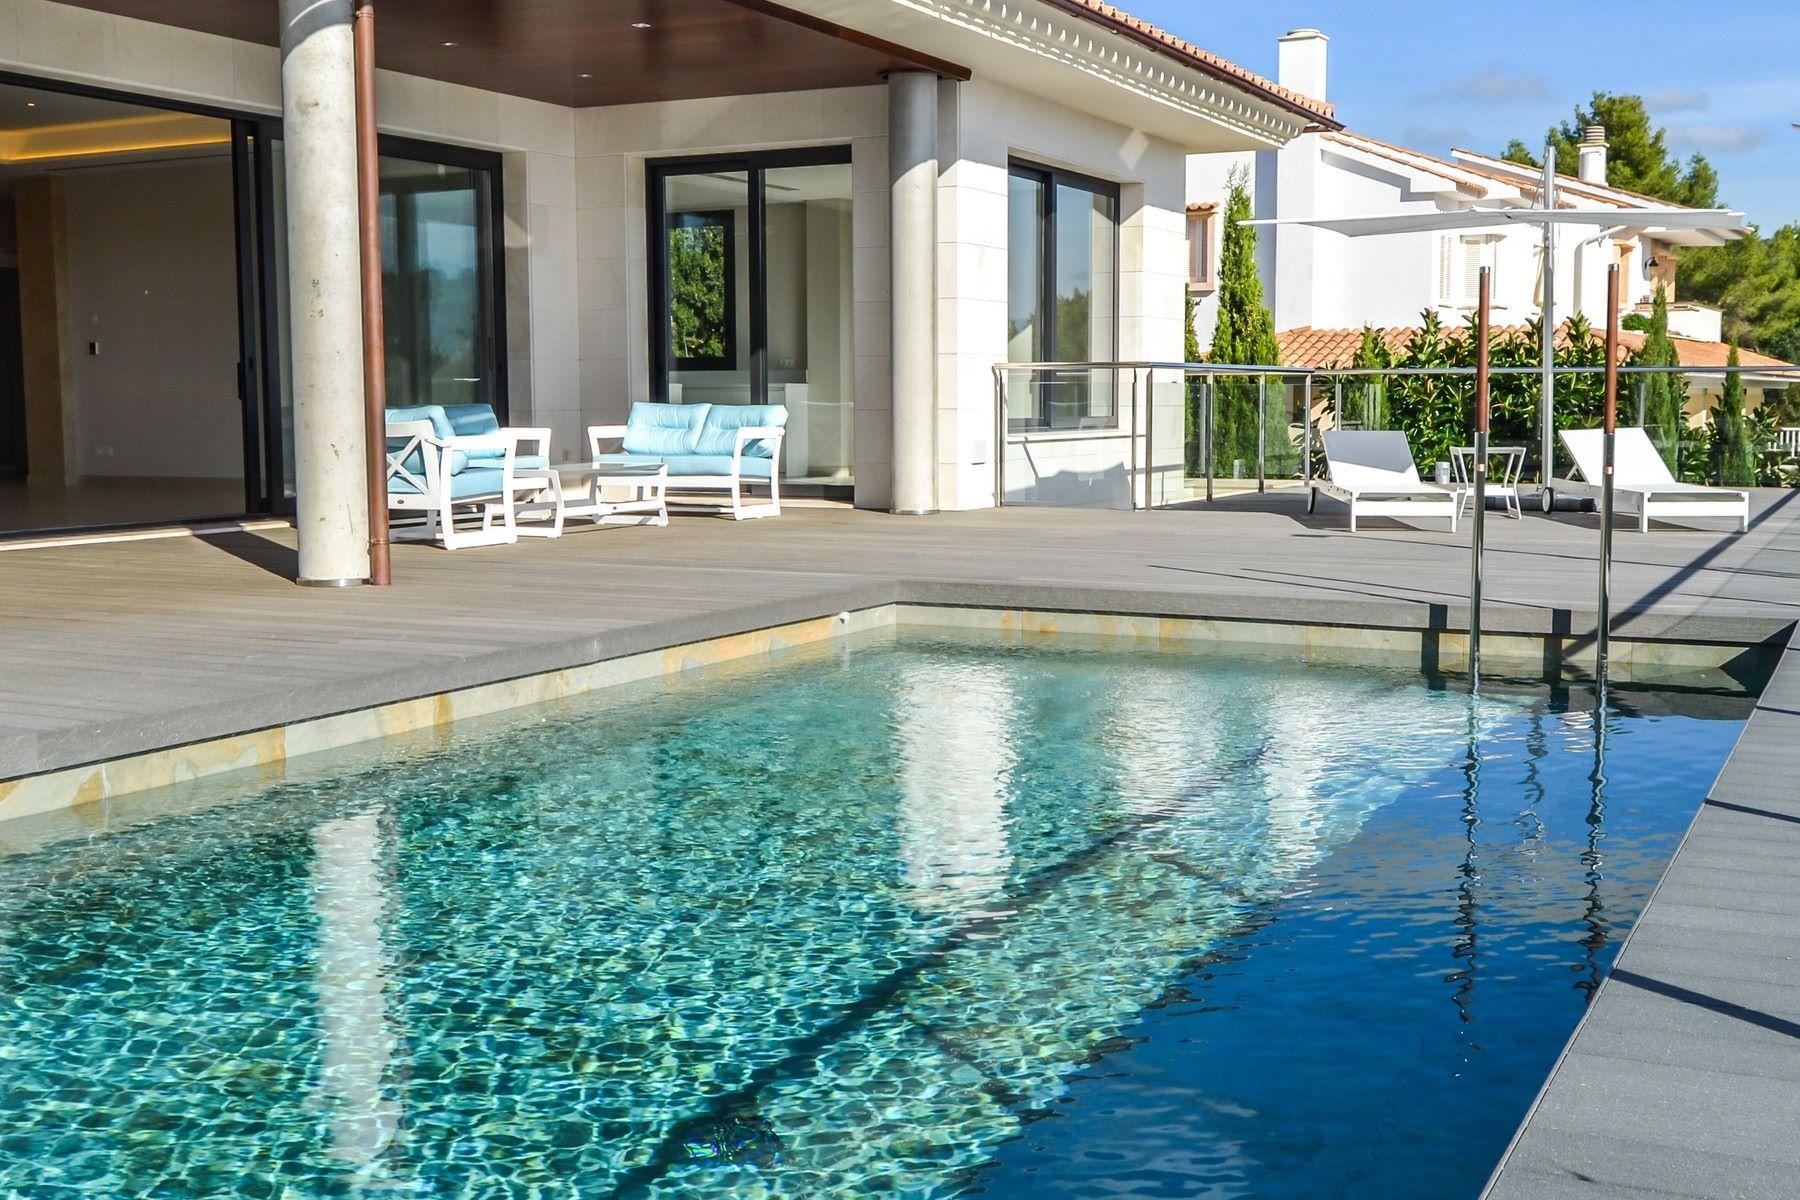 Casa Unifamiliar por un Venta en Newly-built Villa in Son Vida Palma Center, Mallorca, 07013 España